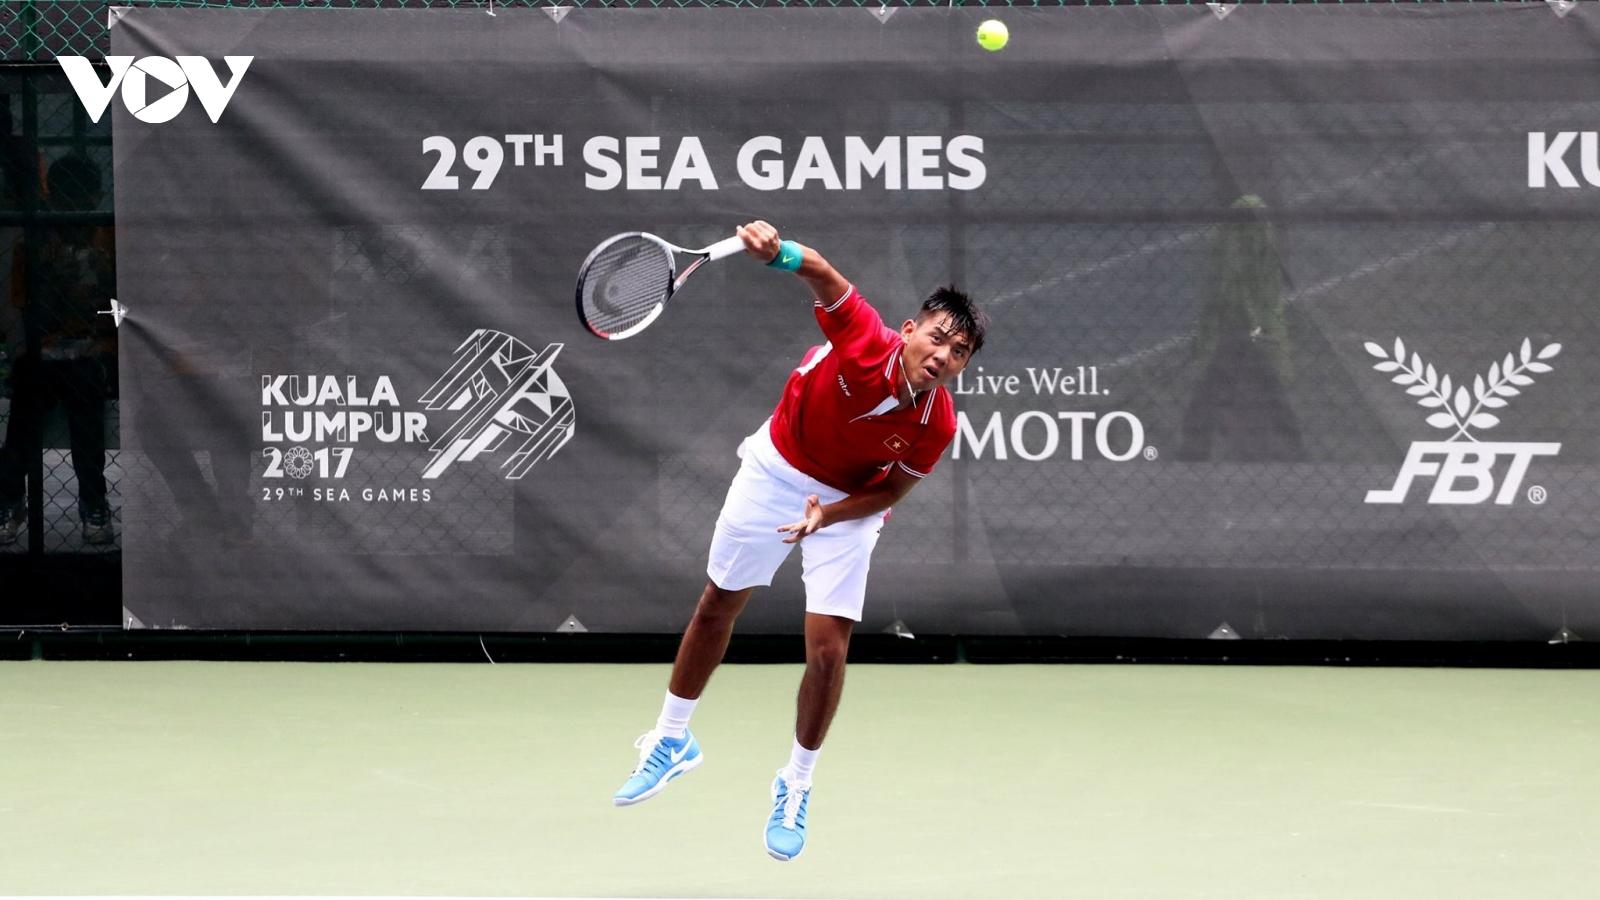 Tay vợt số 1 Việt Nam dự giải đấu quốc tế đầu tiên sau gần 2 năm